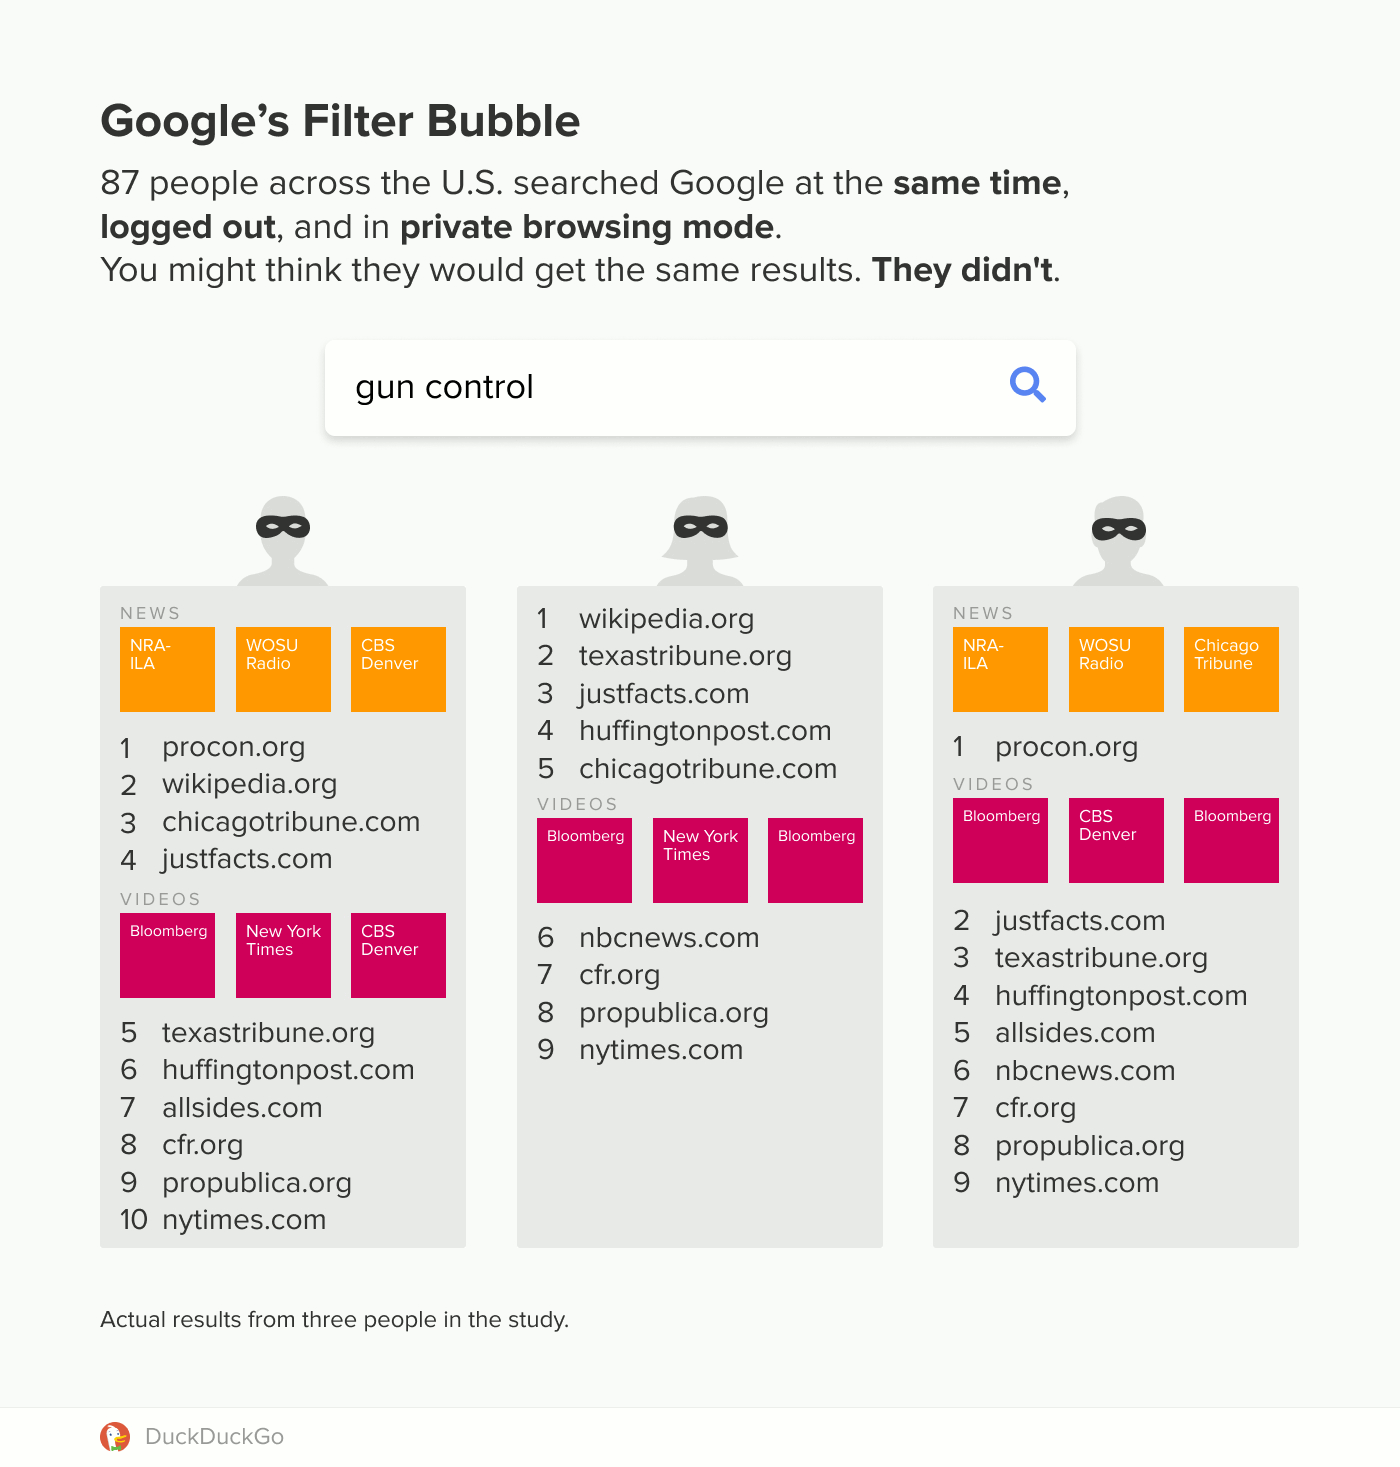 studio sulle filter bubble di google